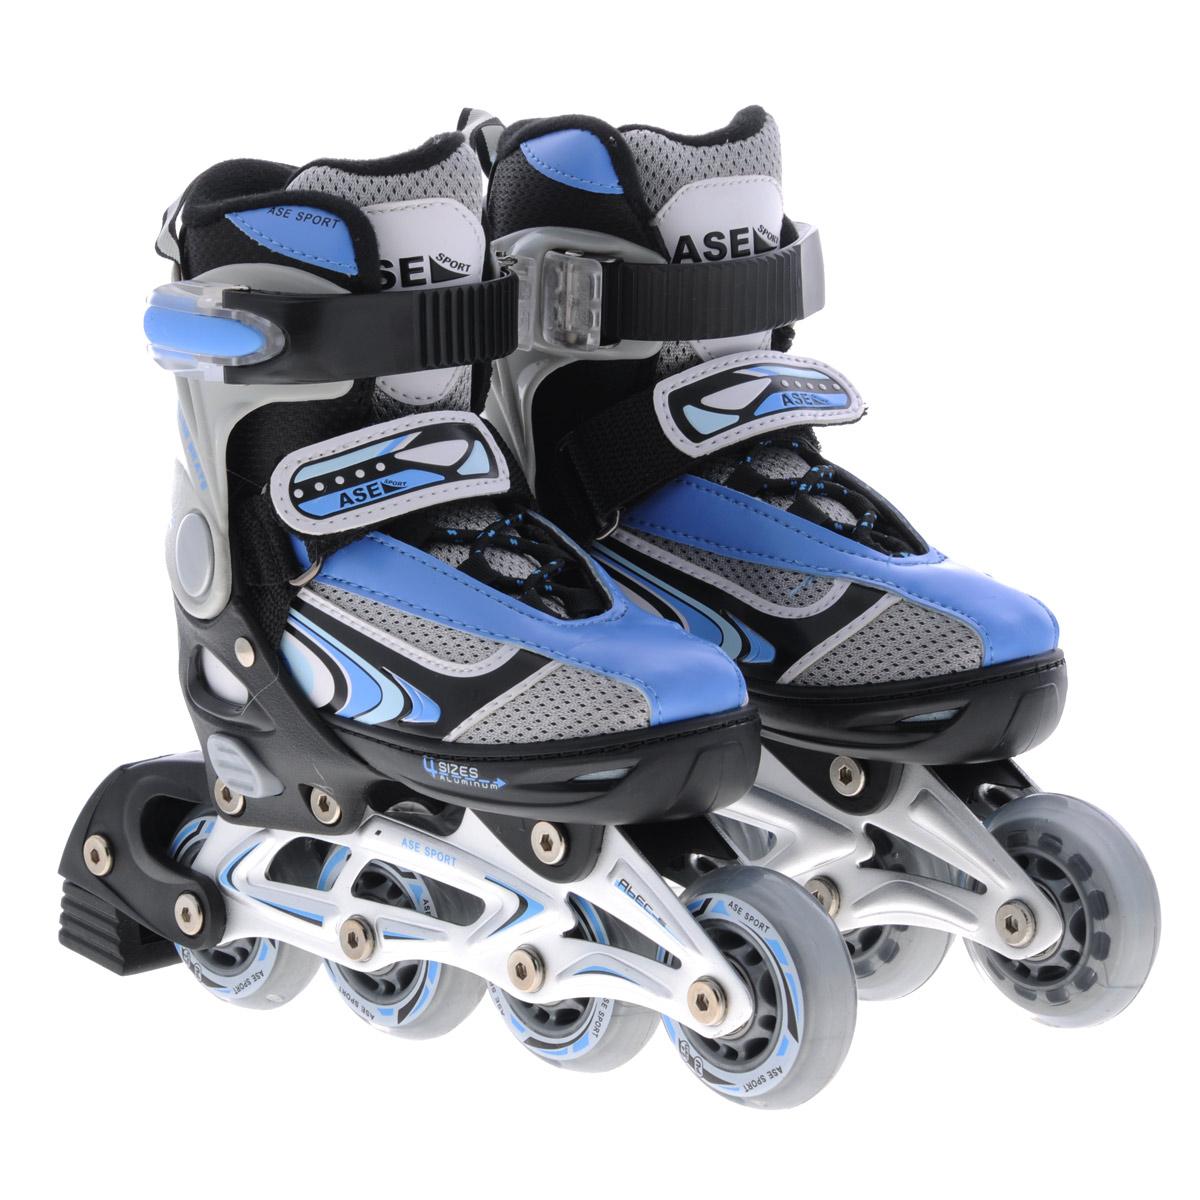 Коньки роликовые Ase-Sport, раздвижные, цвет: черный, синий. ASE-626В. Размер S (33/36)ASE-626B-1Верх сапожка изготовлен из современного синтетического материала, стойкого к внешним воздействиям. Внутри сапожка отделка сделана из мягкого синтетического материала с мягкой подкладкой в боковых частях для более удобной и надежной фиксации ноги во время катания. Застежка типа AUTO LOCK удобно регулируется на нужный размер. Система изменения размера корпуса (кнопка) проста в использовании, позволяет быстро и комфортно подогнать сапожок под ногу. Корпус коньков изготовлен из прочного пластика, стойкого к механическим нагрузкам и внешним воздействиям окружающей среды. Ударопрочная пластиковая силовая манжета. Алюминиевая рама дает дополнительную прочность и скорость отталкивания во время катания. Стельки сделаны из специального вспененного материала, который удобно повторяет анатомическое строение стопы ноги и дополнительно поглощает вибрацию. Шнуровка коньков: матерчатые петли в сочетании с широким язычком, шнурки из полиэстера с синтетическими волокнами для более...